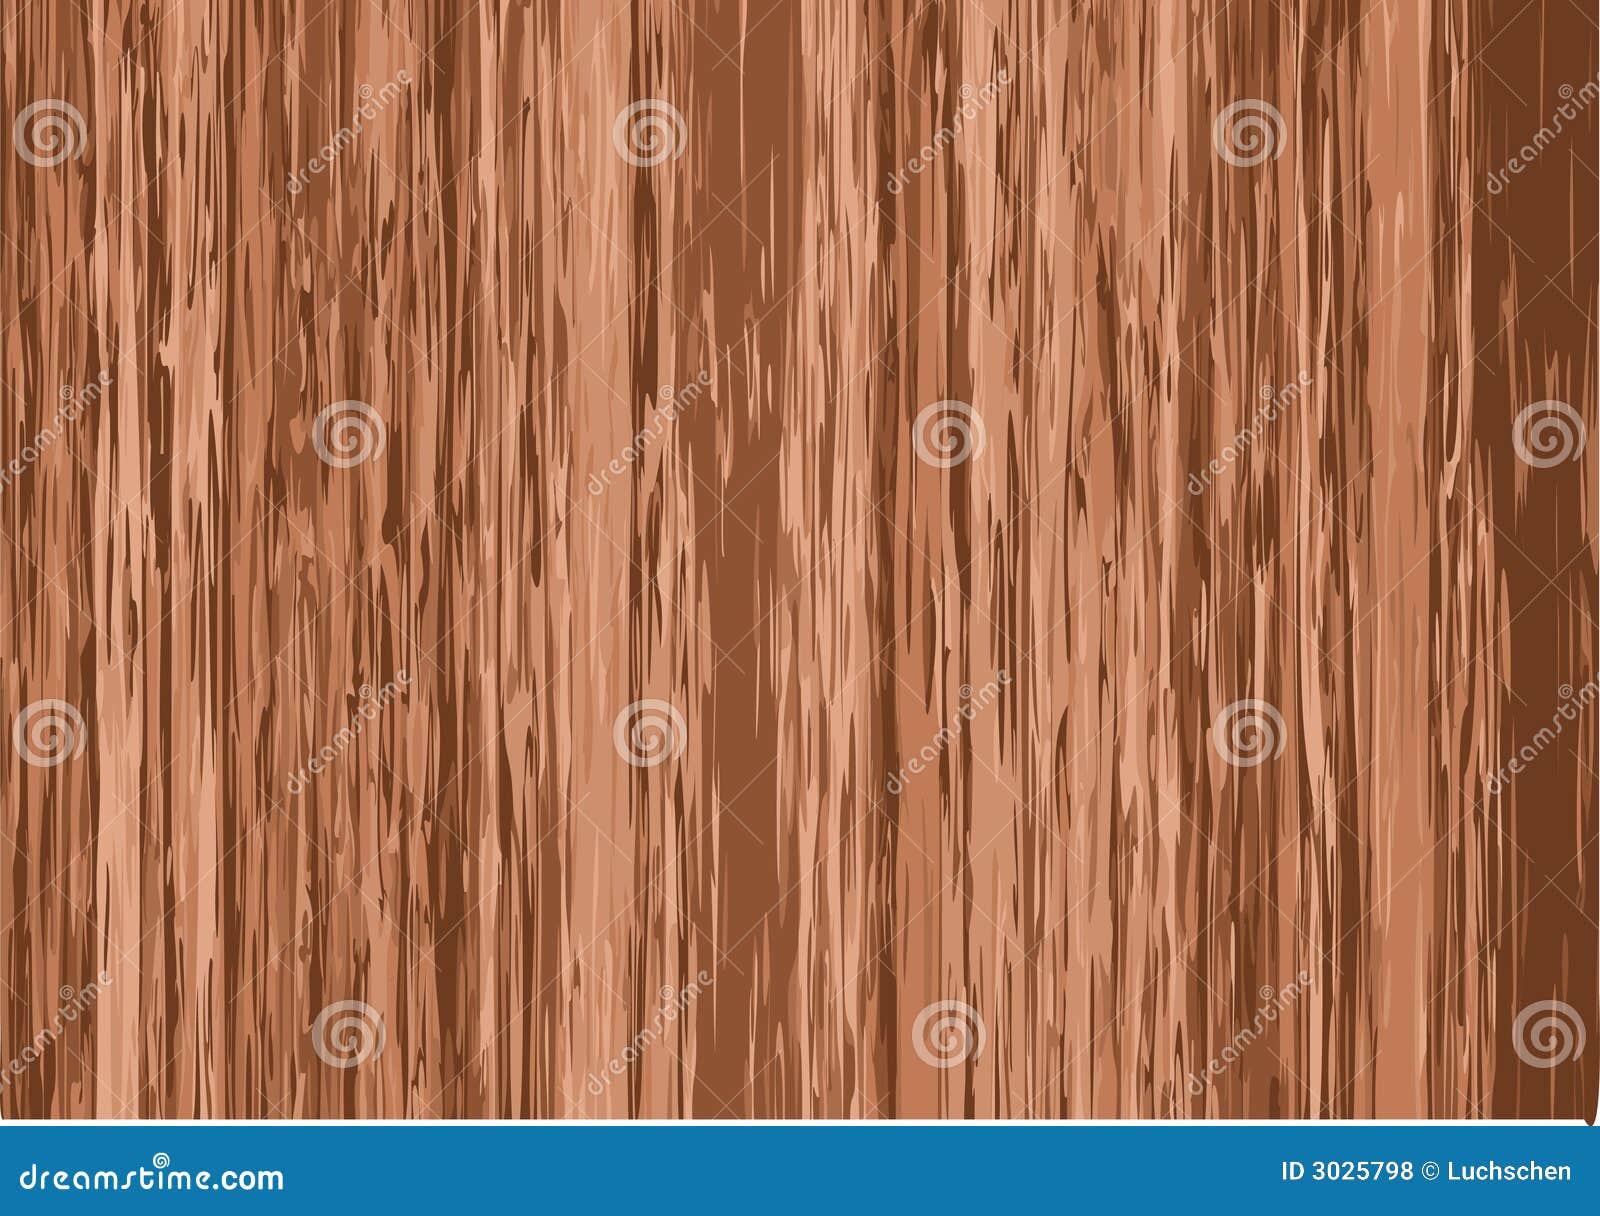 wood background royalty free - photo #8